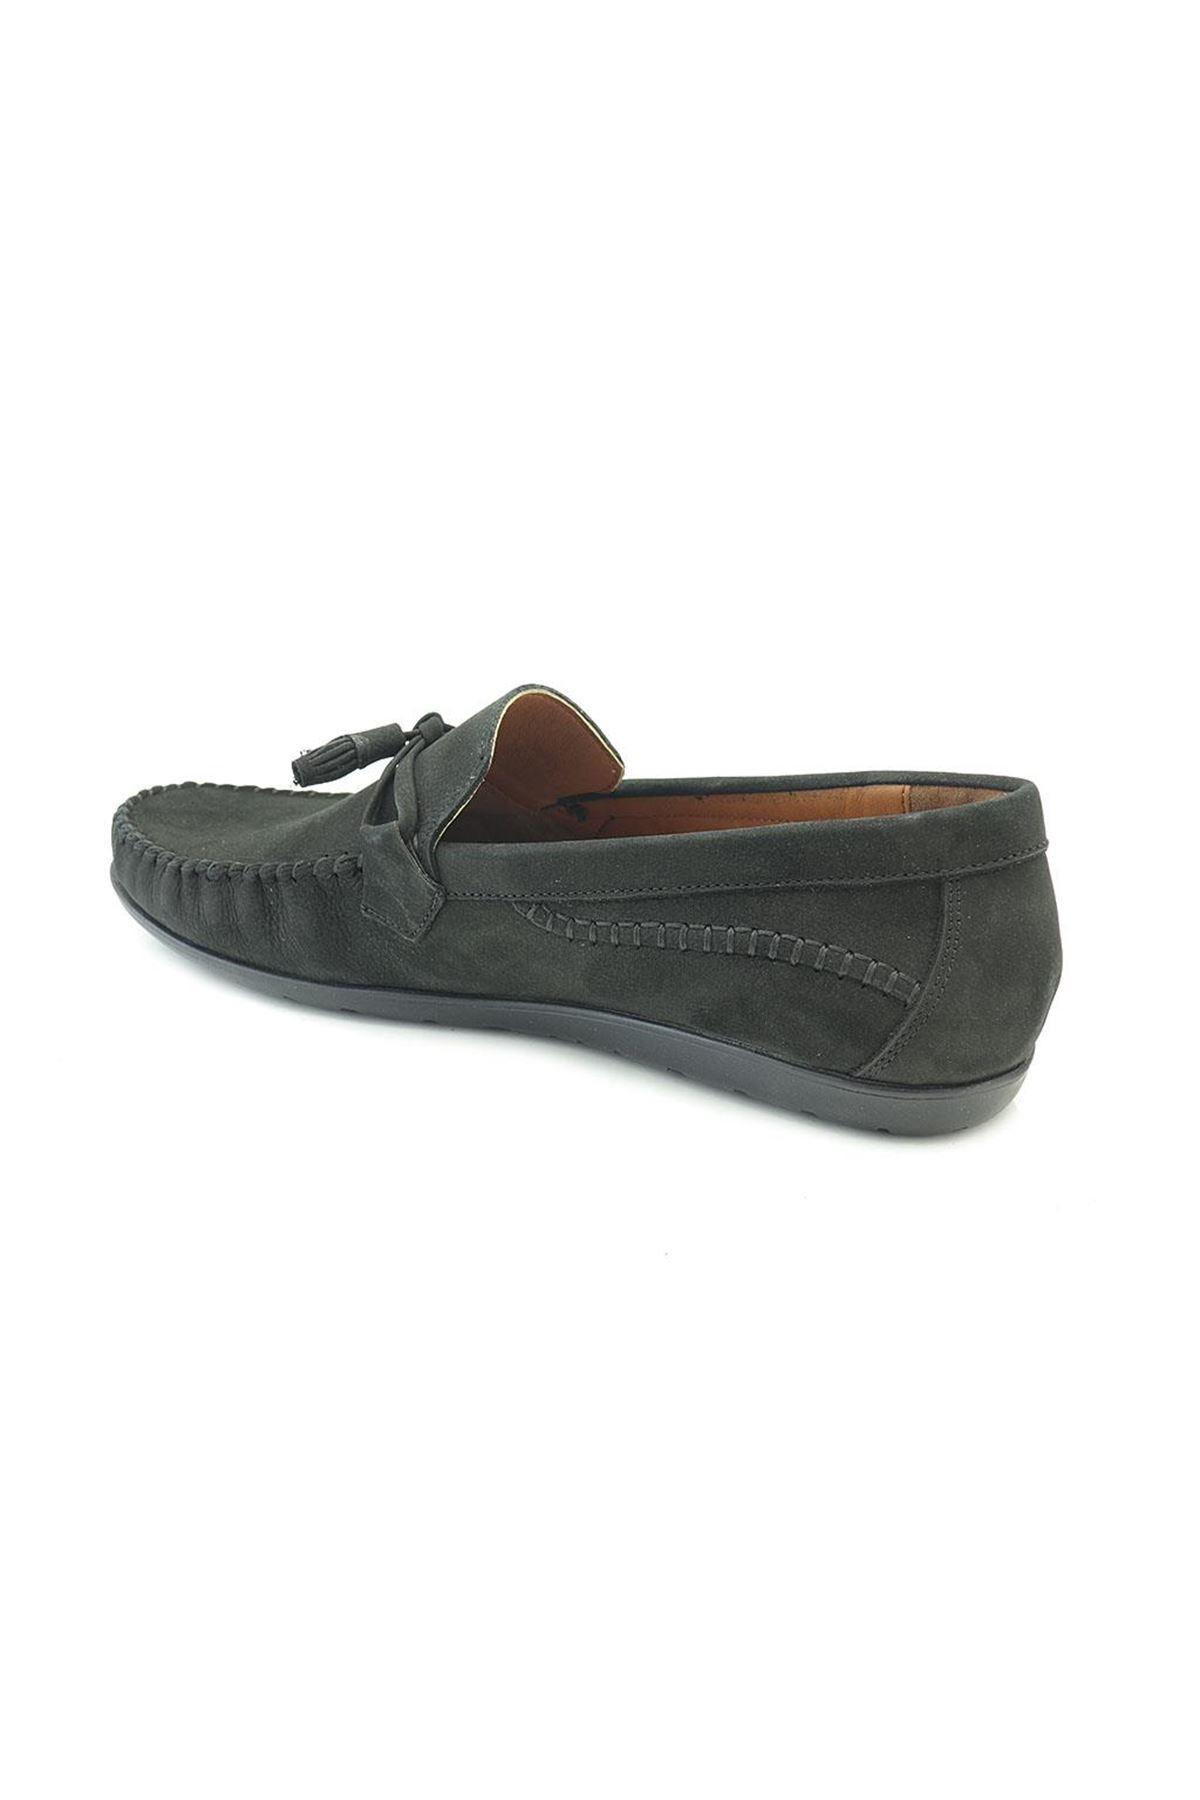 Ayakkabıvakti A505 Corcik Loafer Hakiki Deri Püsküllü Erkek Ayakkabı